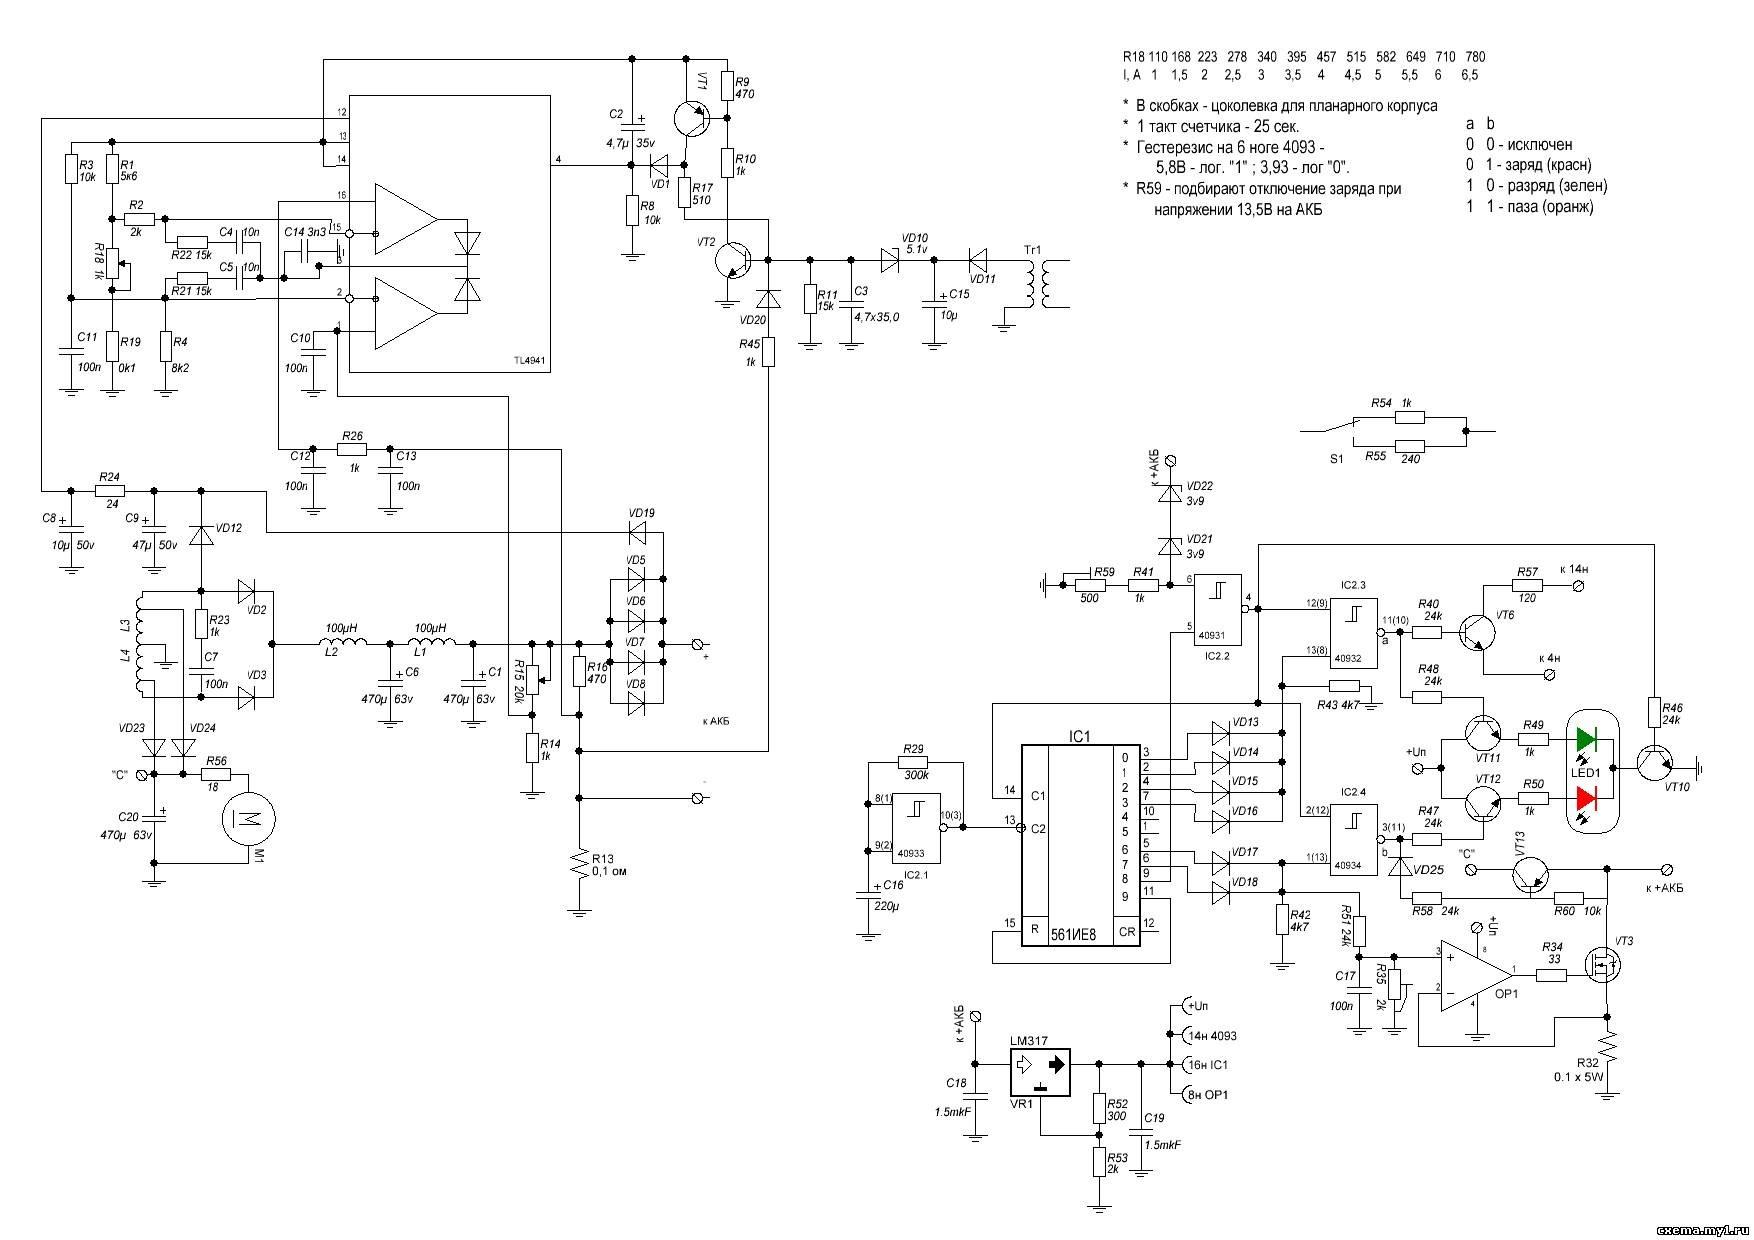 Схема устройств и блок схемы